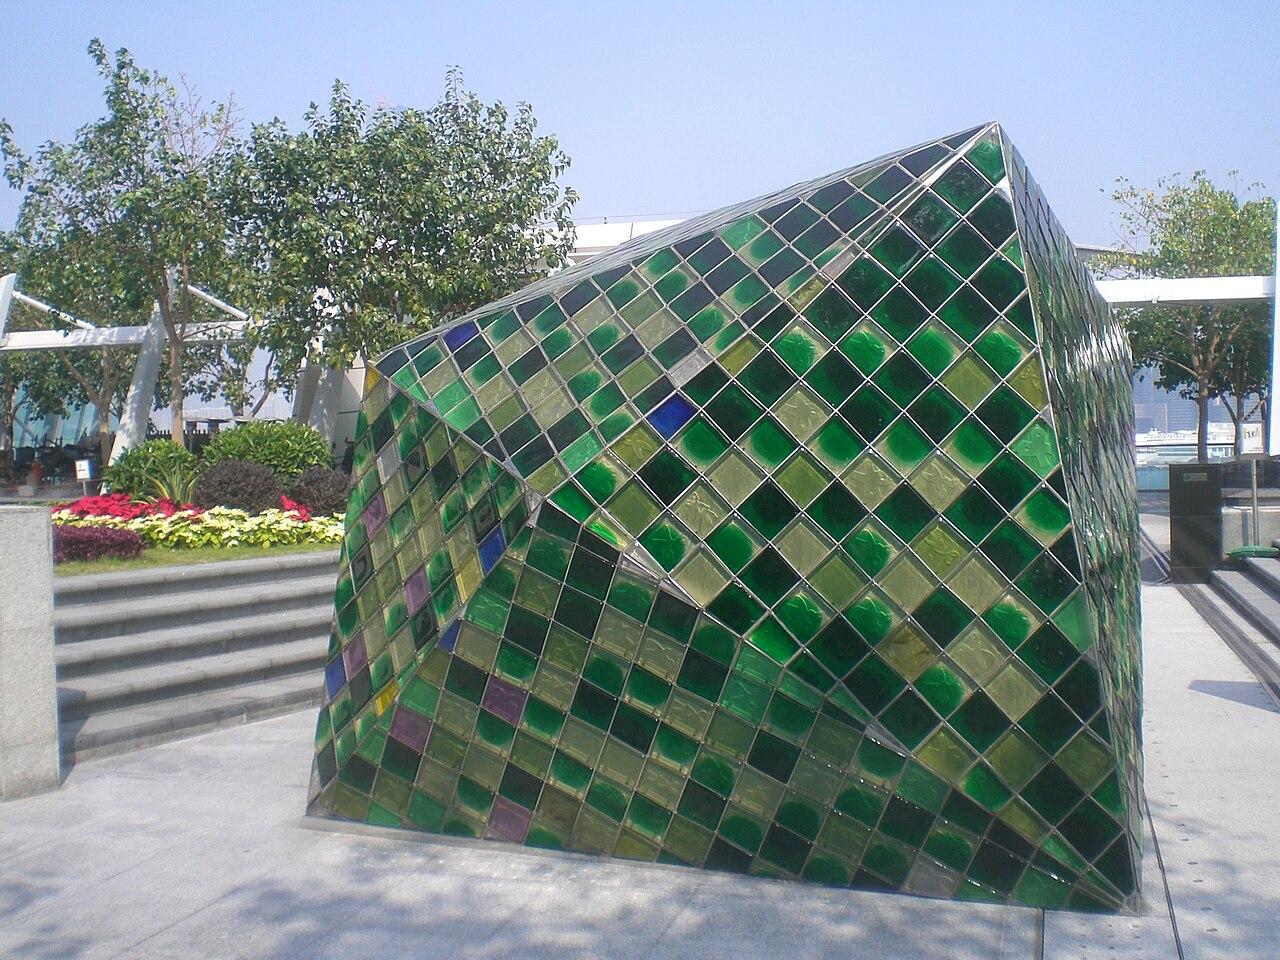 Garden Mosaic Glass Bird Feeder Aldi